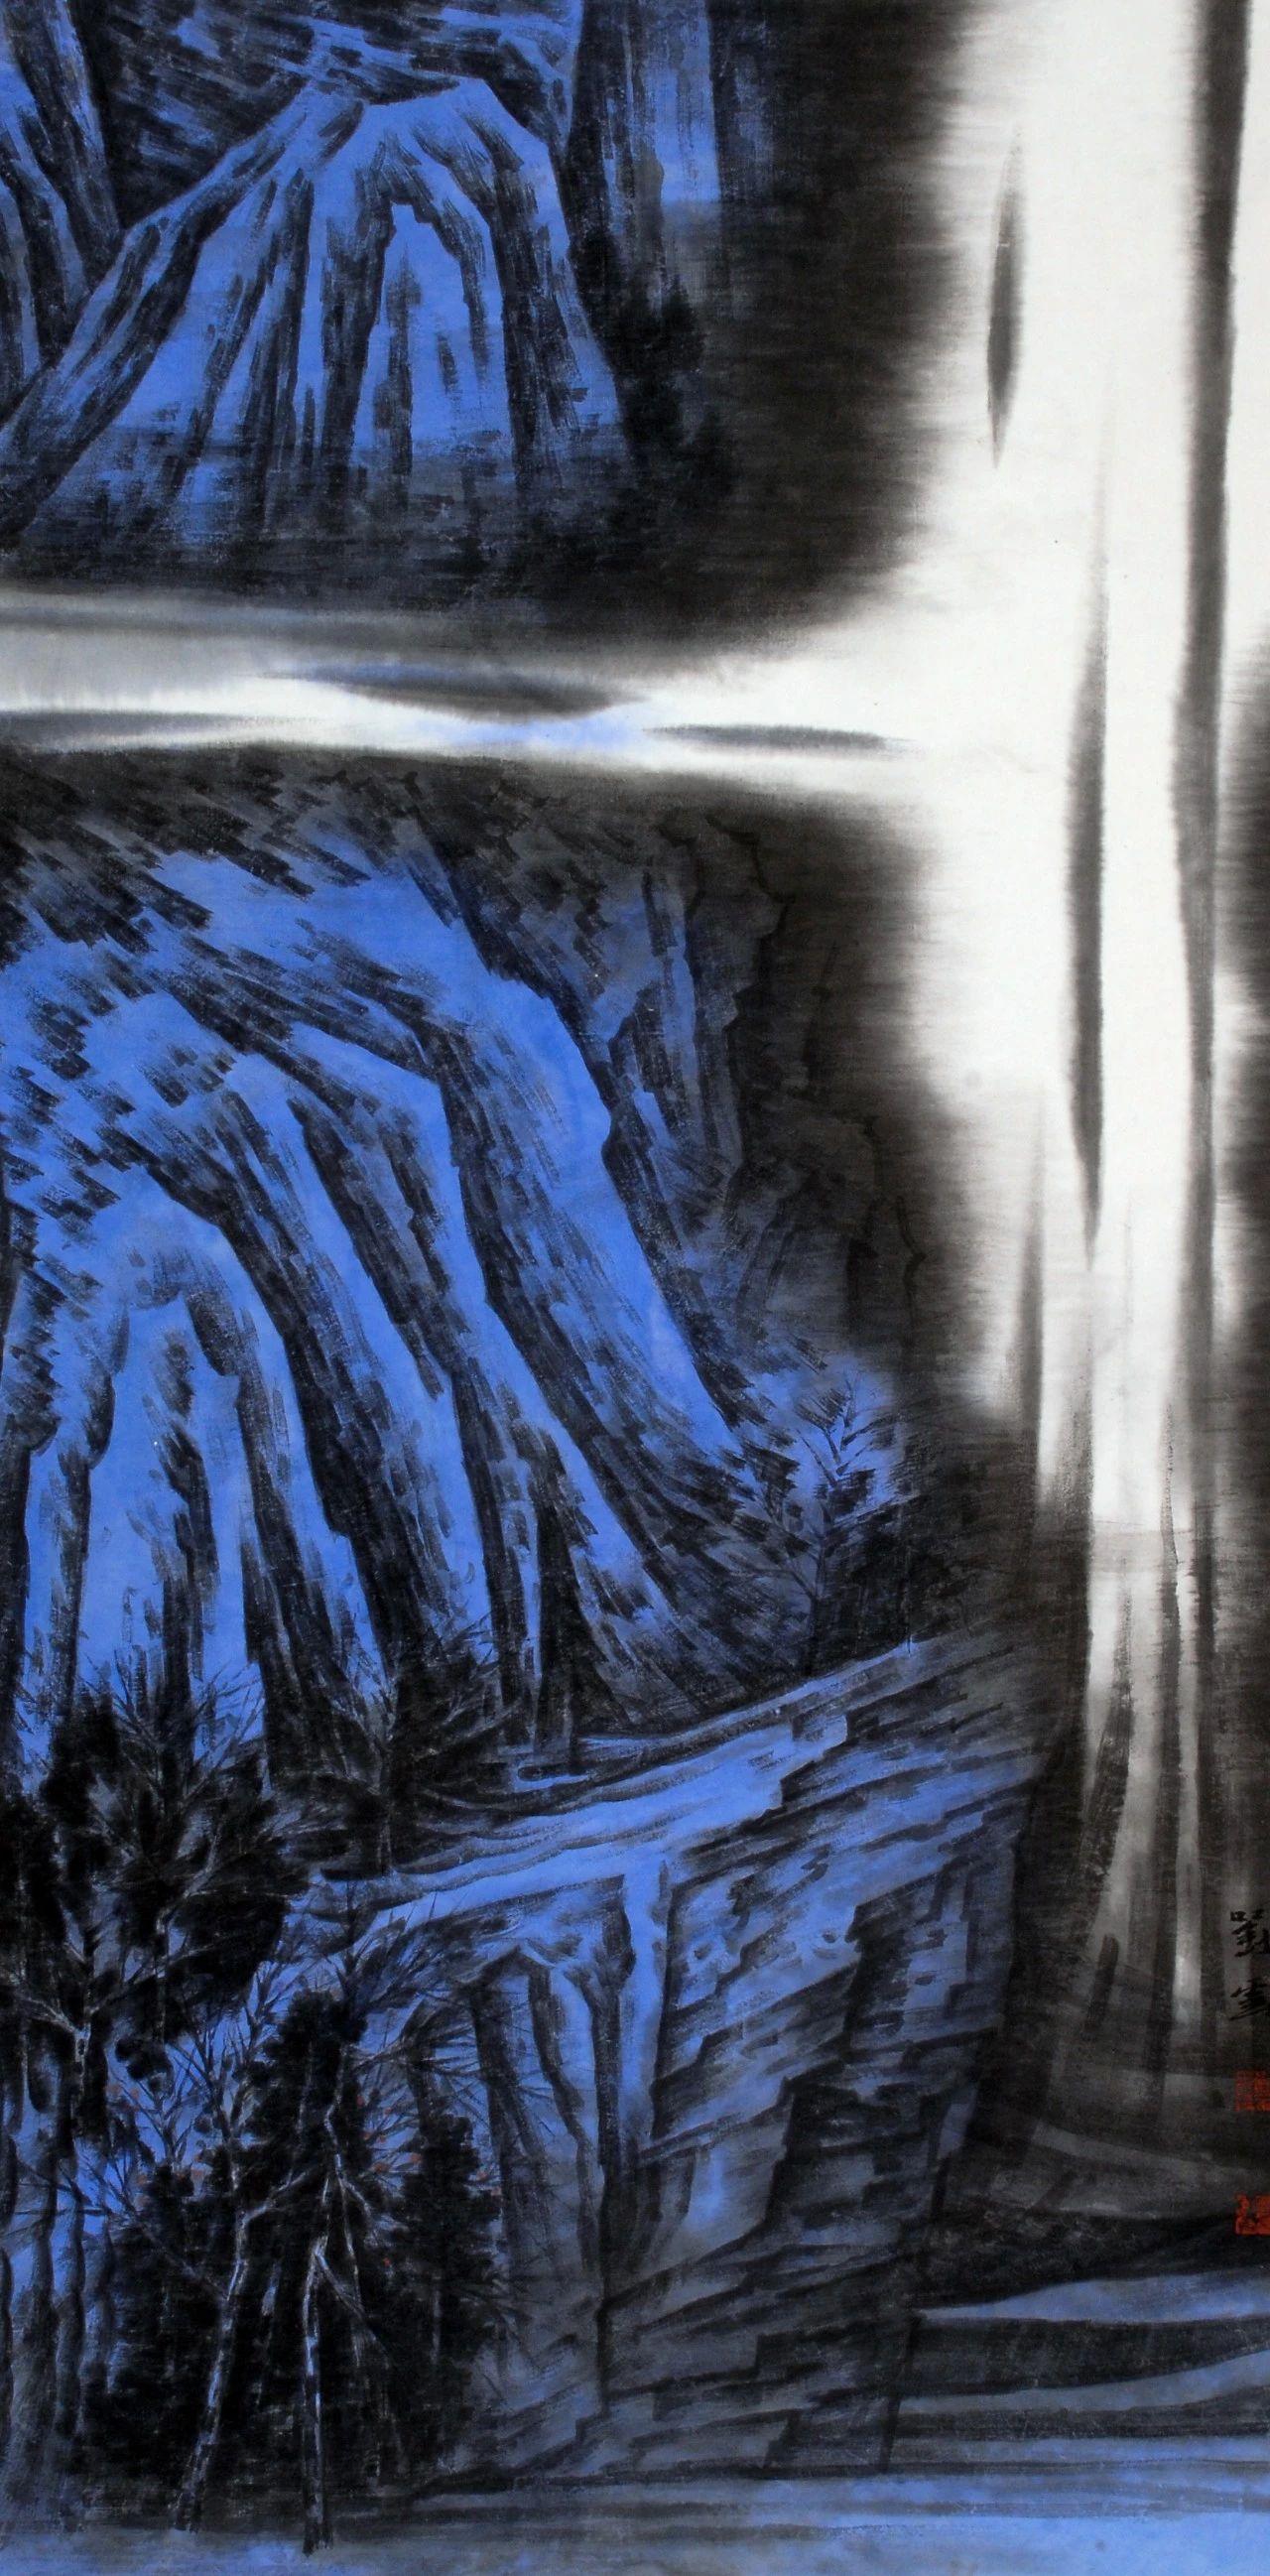 展览预告 | 岳阳市美术馆新馆开馆首展——清风掠过·刘云艺术作品展